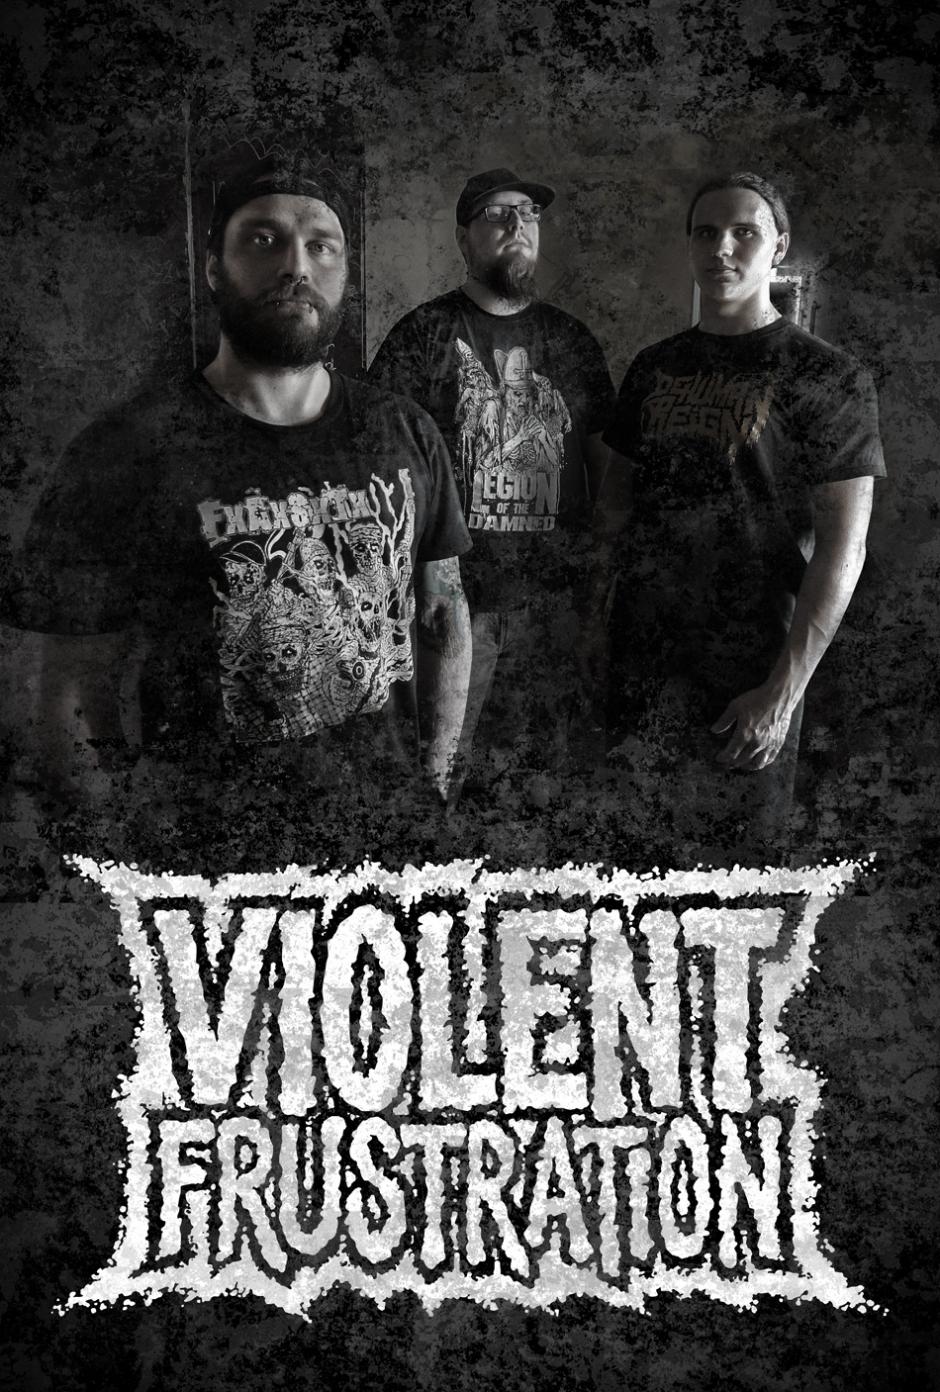 VIOLENT FRUSTRATION